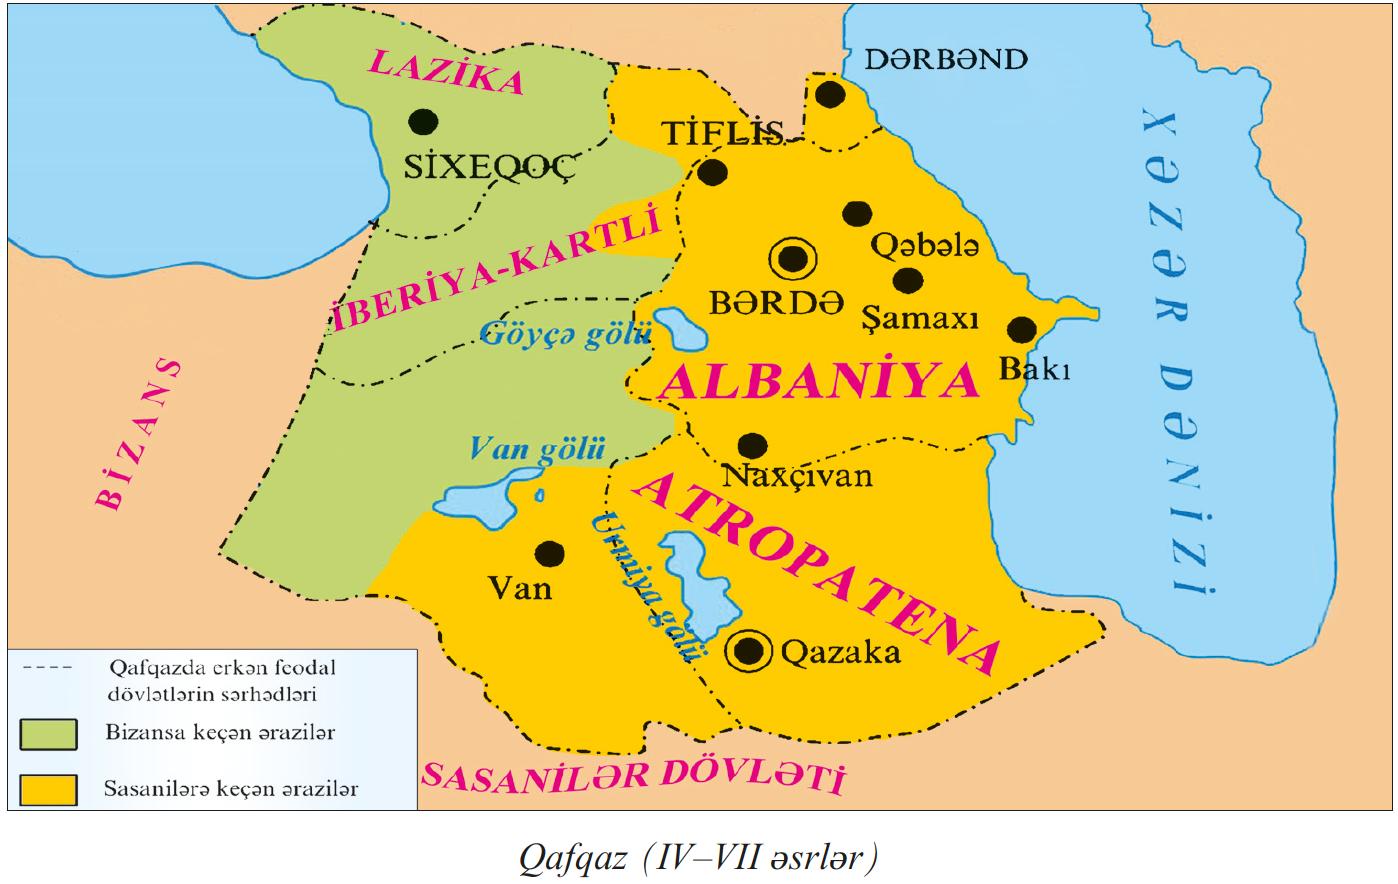 مصرده قافقاز آلبانییاسی حاقدا قدیم متن لر تاپیلدی